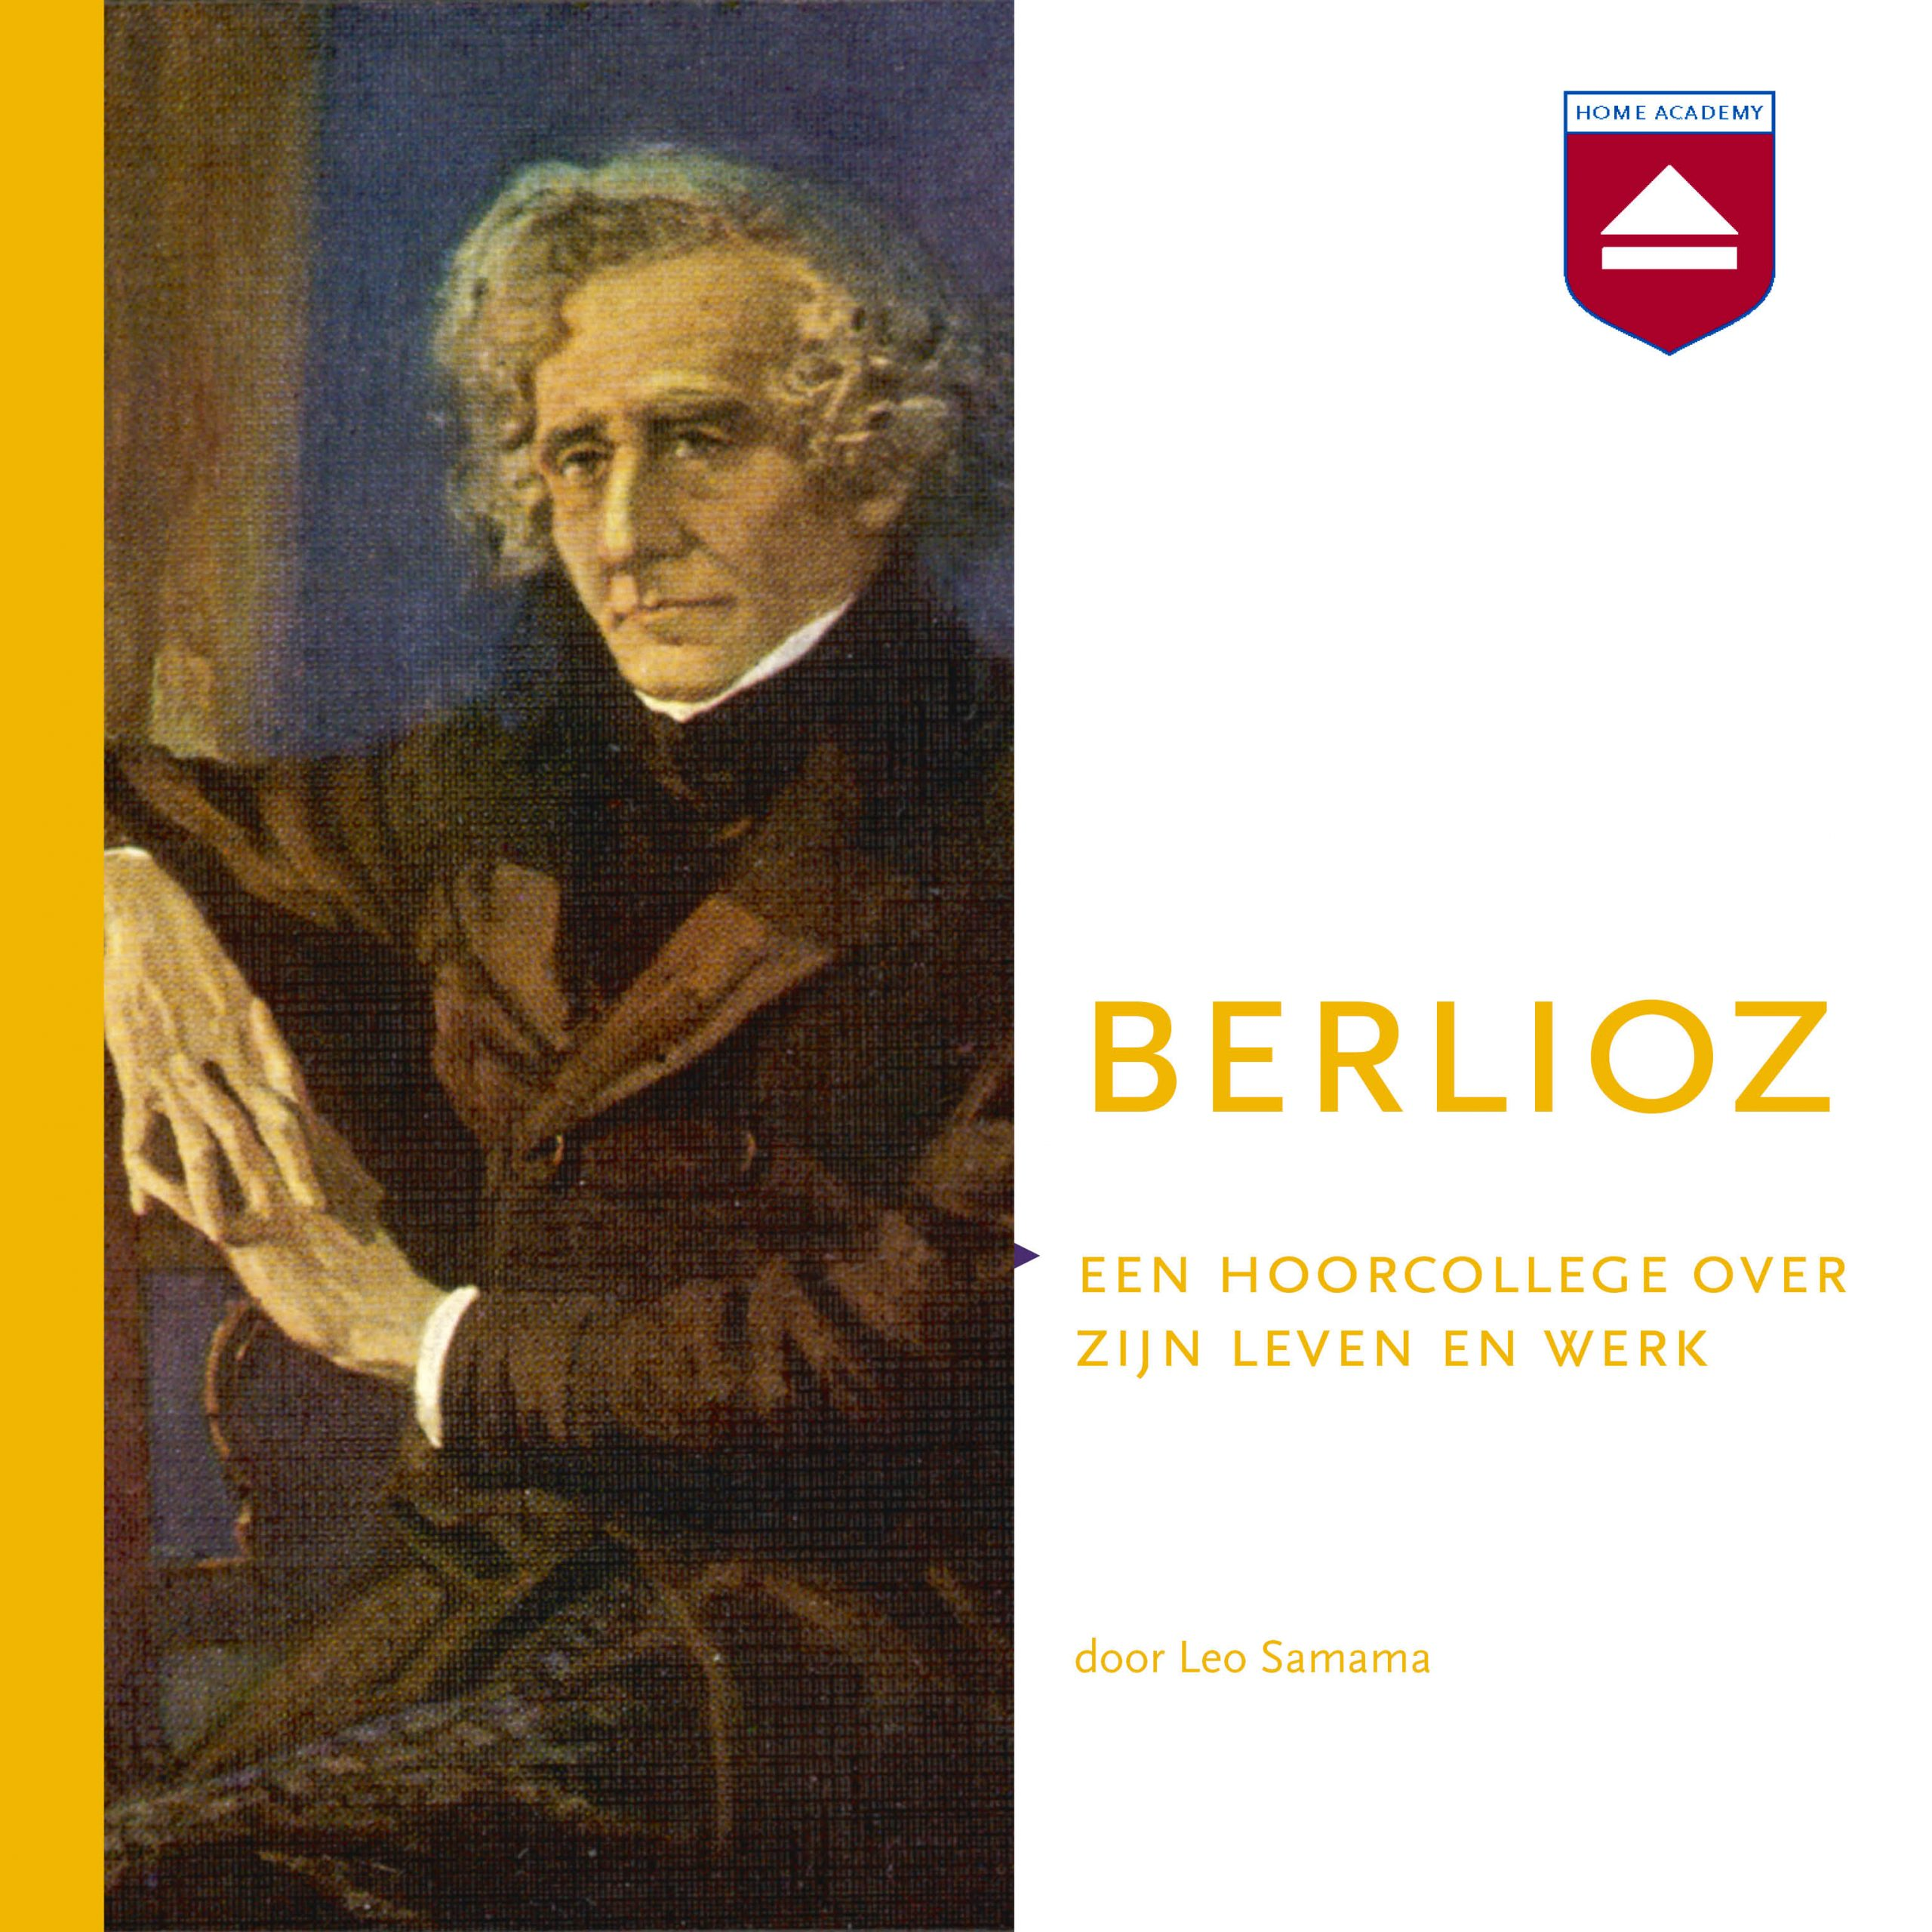 Berlioz-Samama